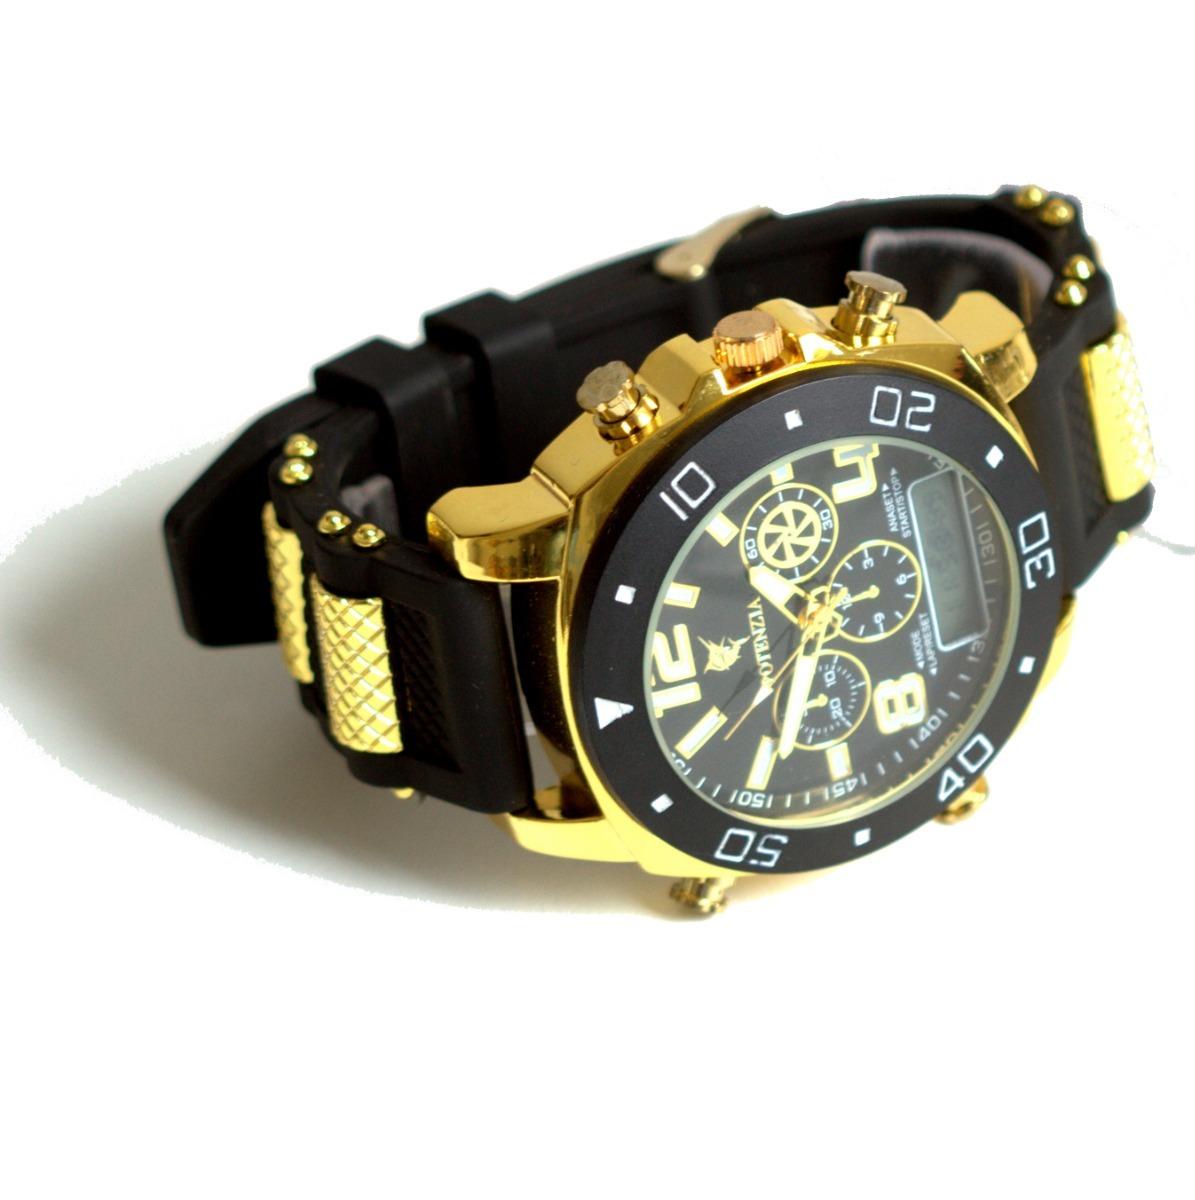 49a9374ec relógio masculino dourado militar potenzia barato promoção. Carregando zoom.